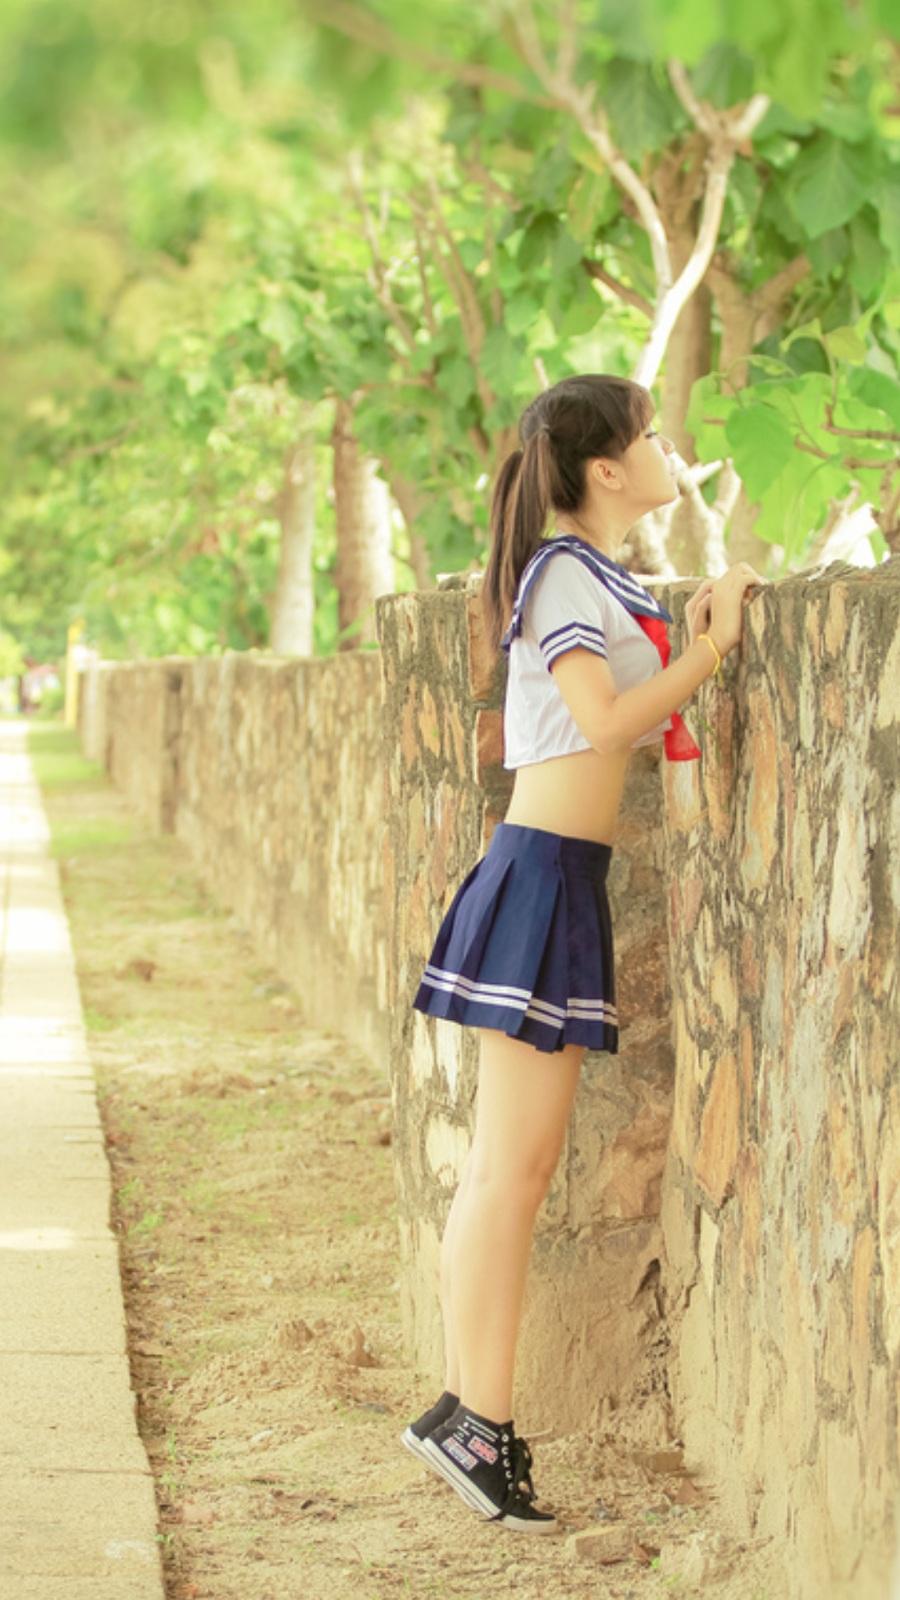 【制服エロ画像】ヘソが見えたらラッキー!萌えは必至な制服娘の腹チラwww 18